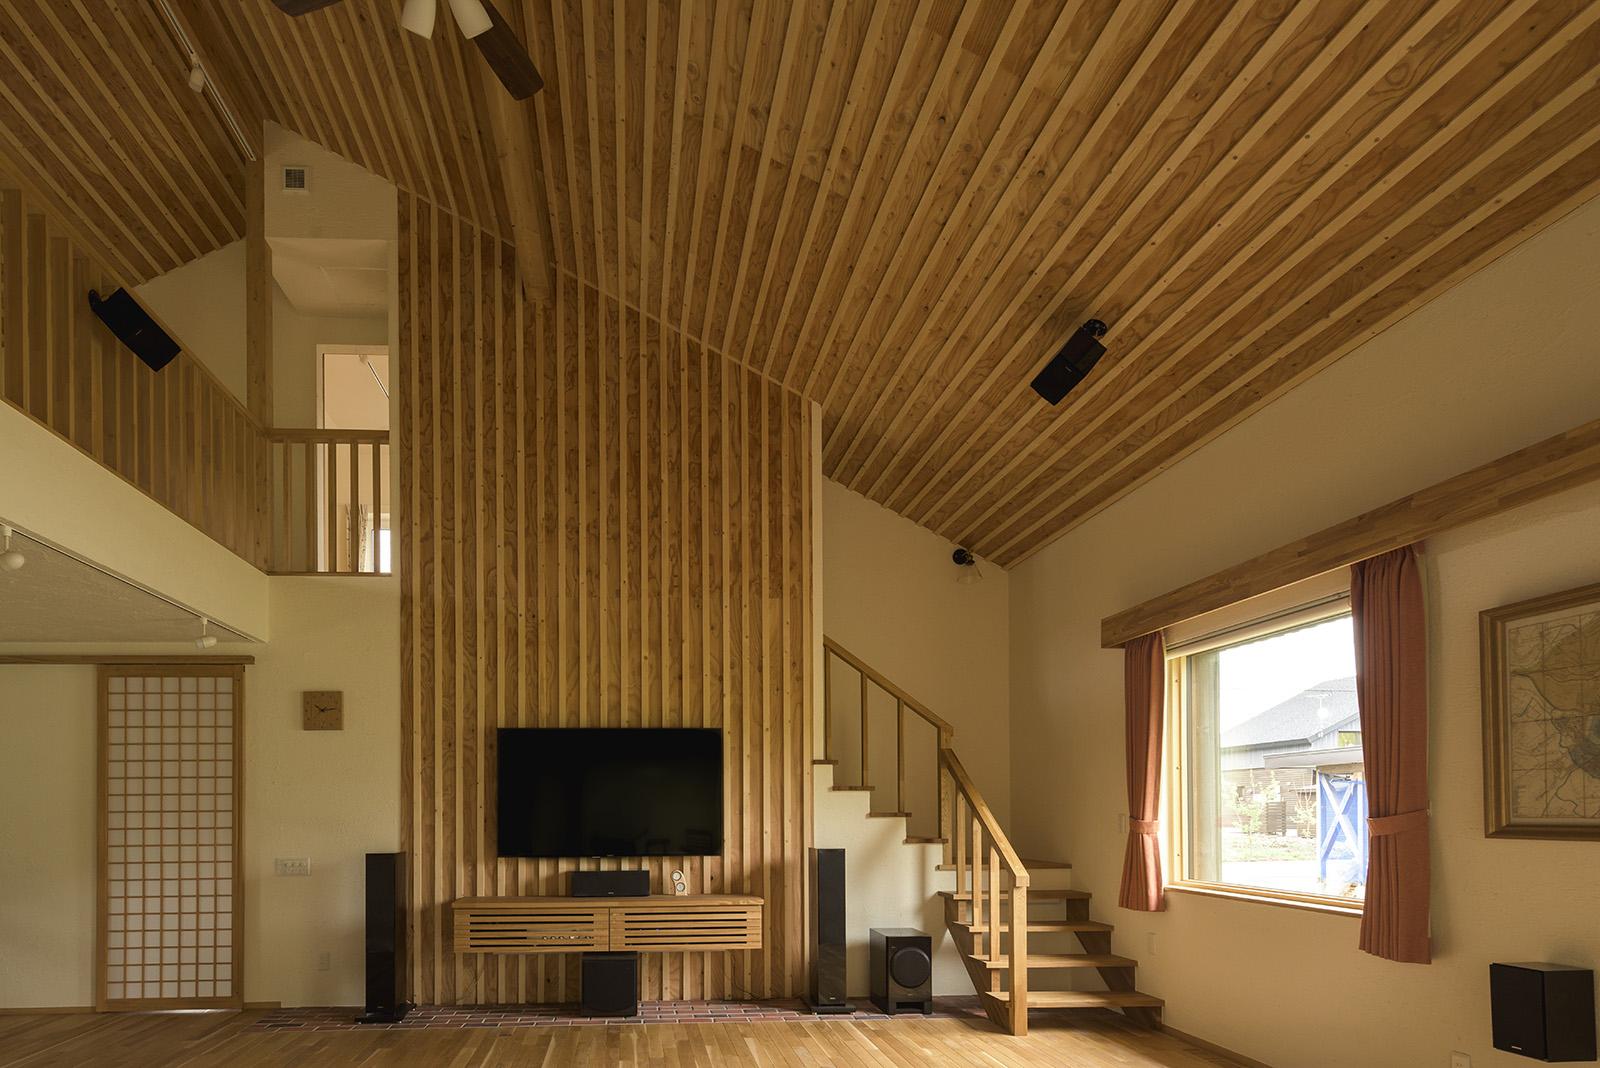 音の響きを考え、天井と壁の一部はリブ形状仕上げに。開放感と木のぬくもりが同居する空間となった